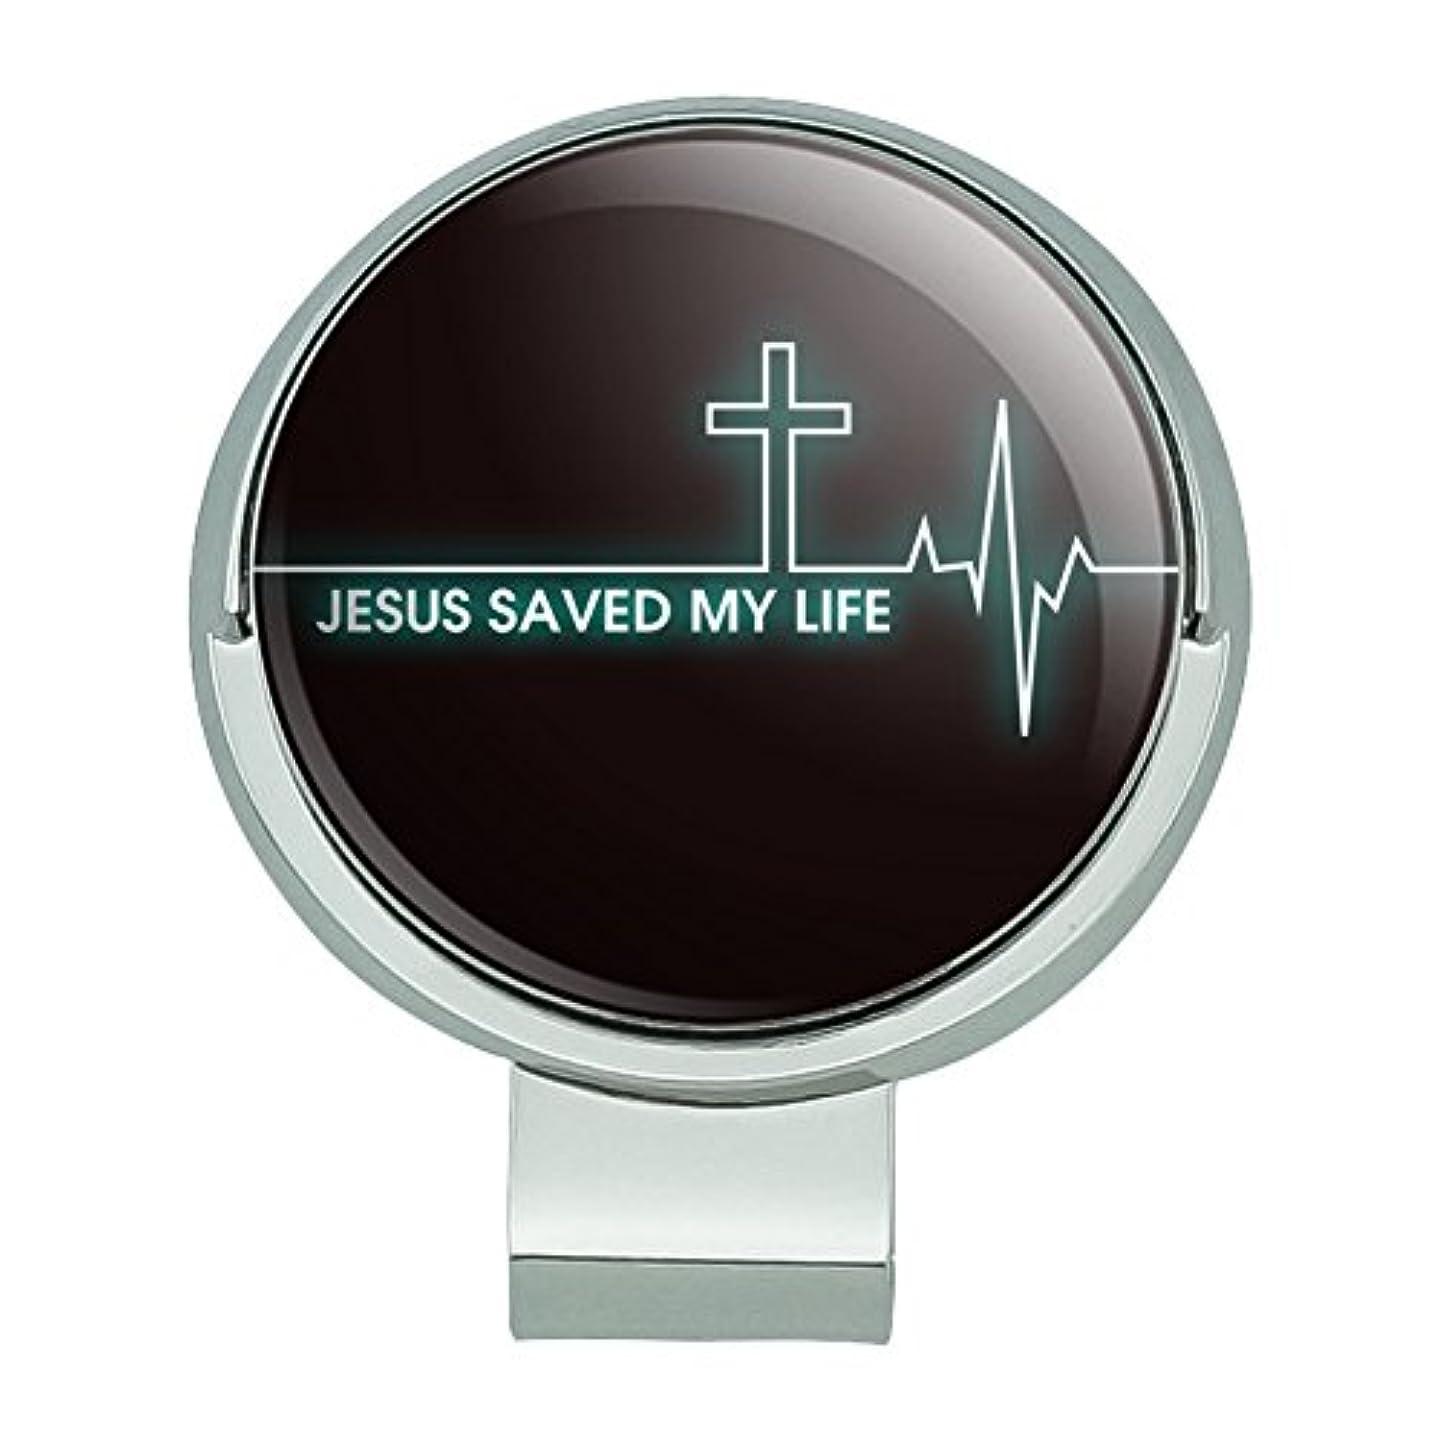 ダーリンみがきますアピールイエスは私の人生を救ったEKG心拍数パルス宗教キリスト教磁気ボールマーカー付きゴルフハットクリップ